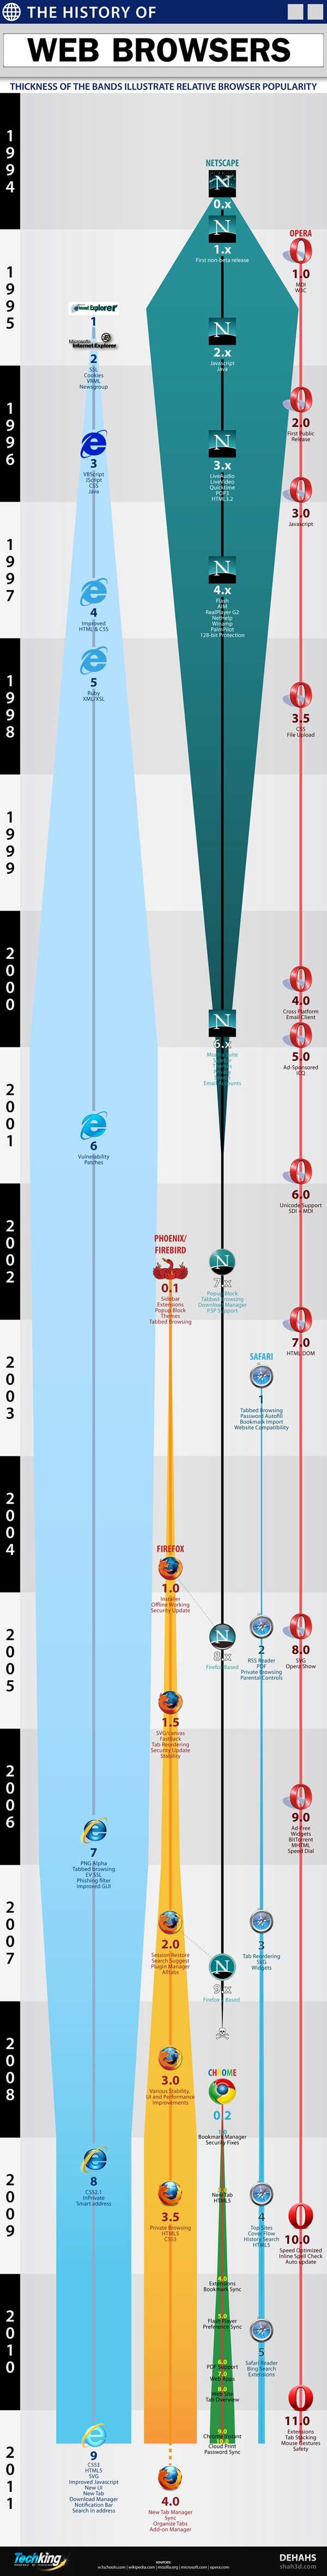 Infographic: Ultimate HTML5 Cheatsheat